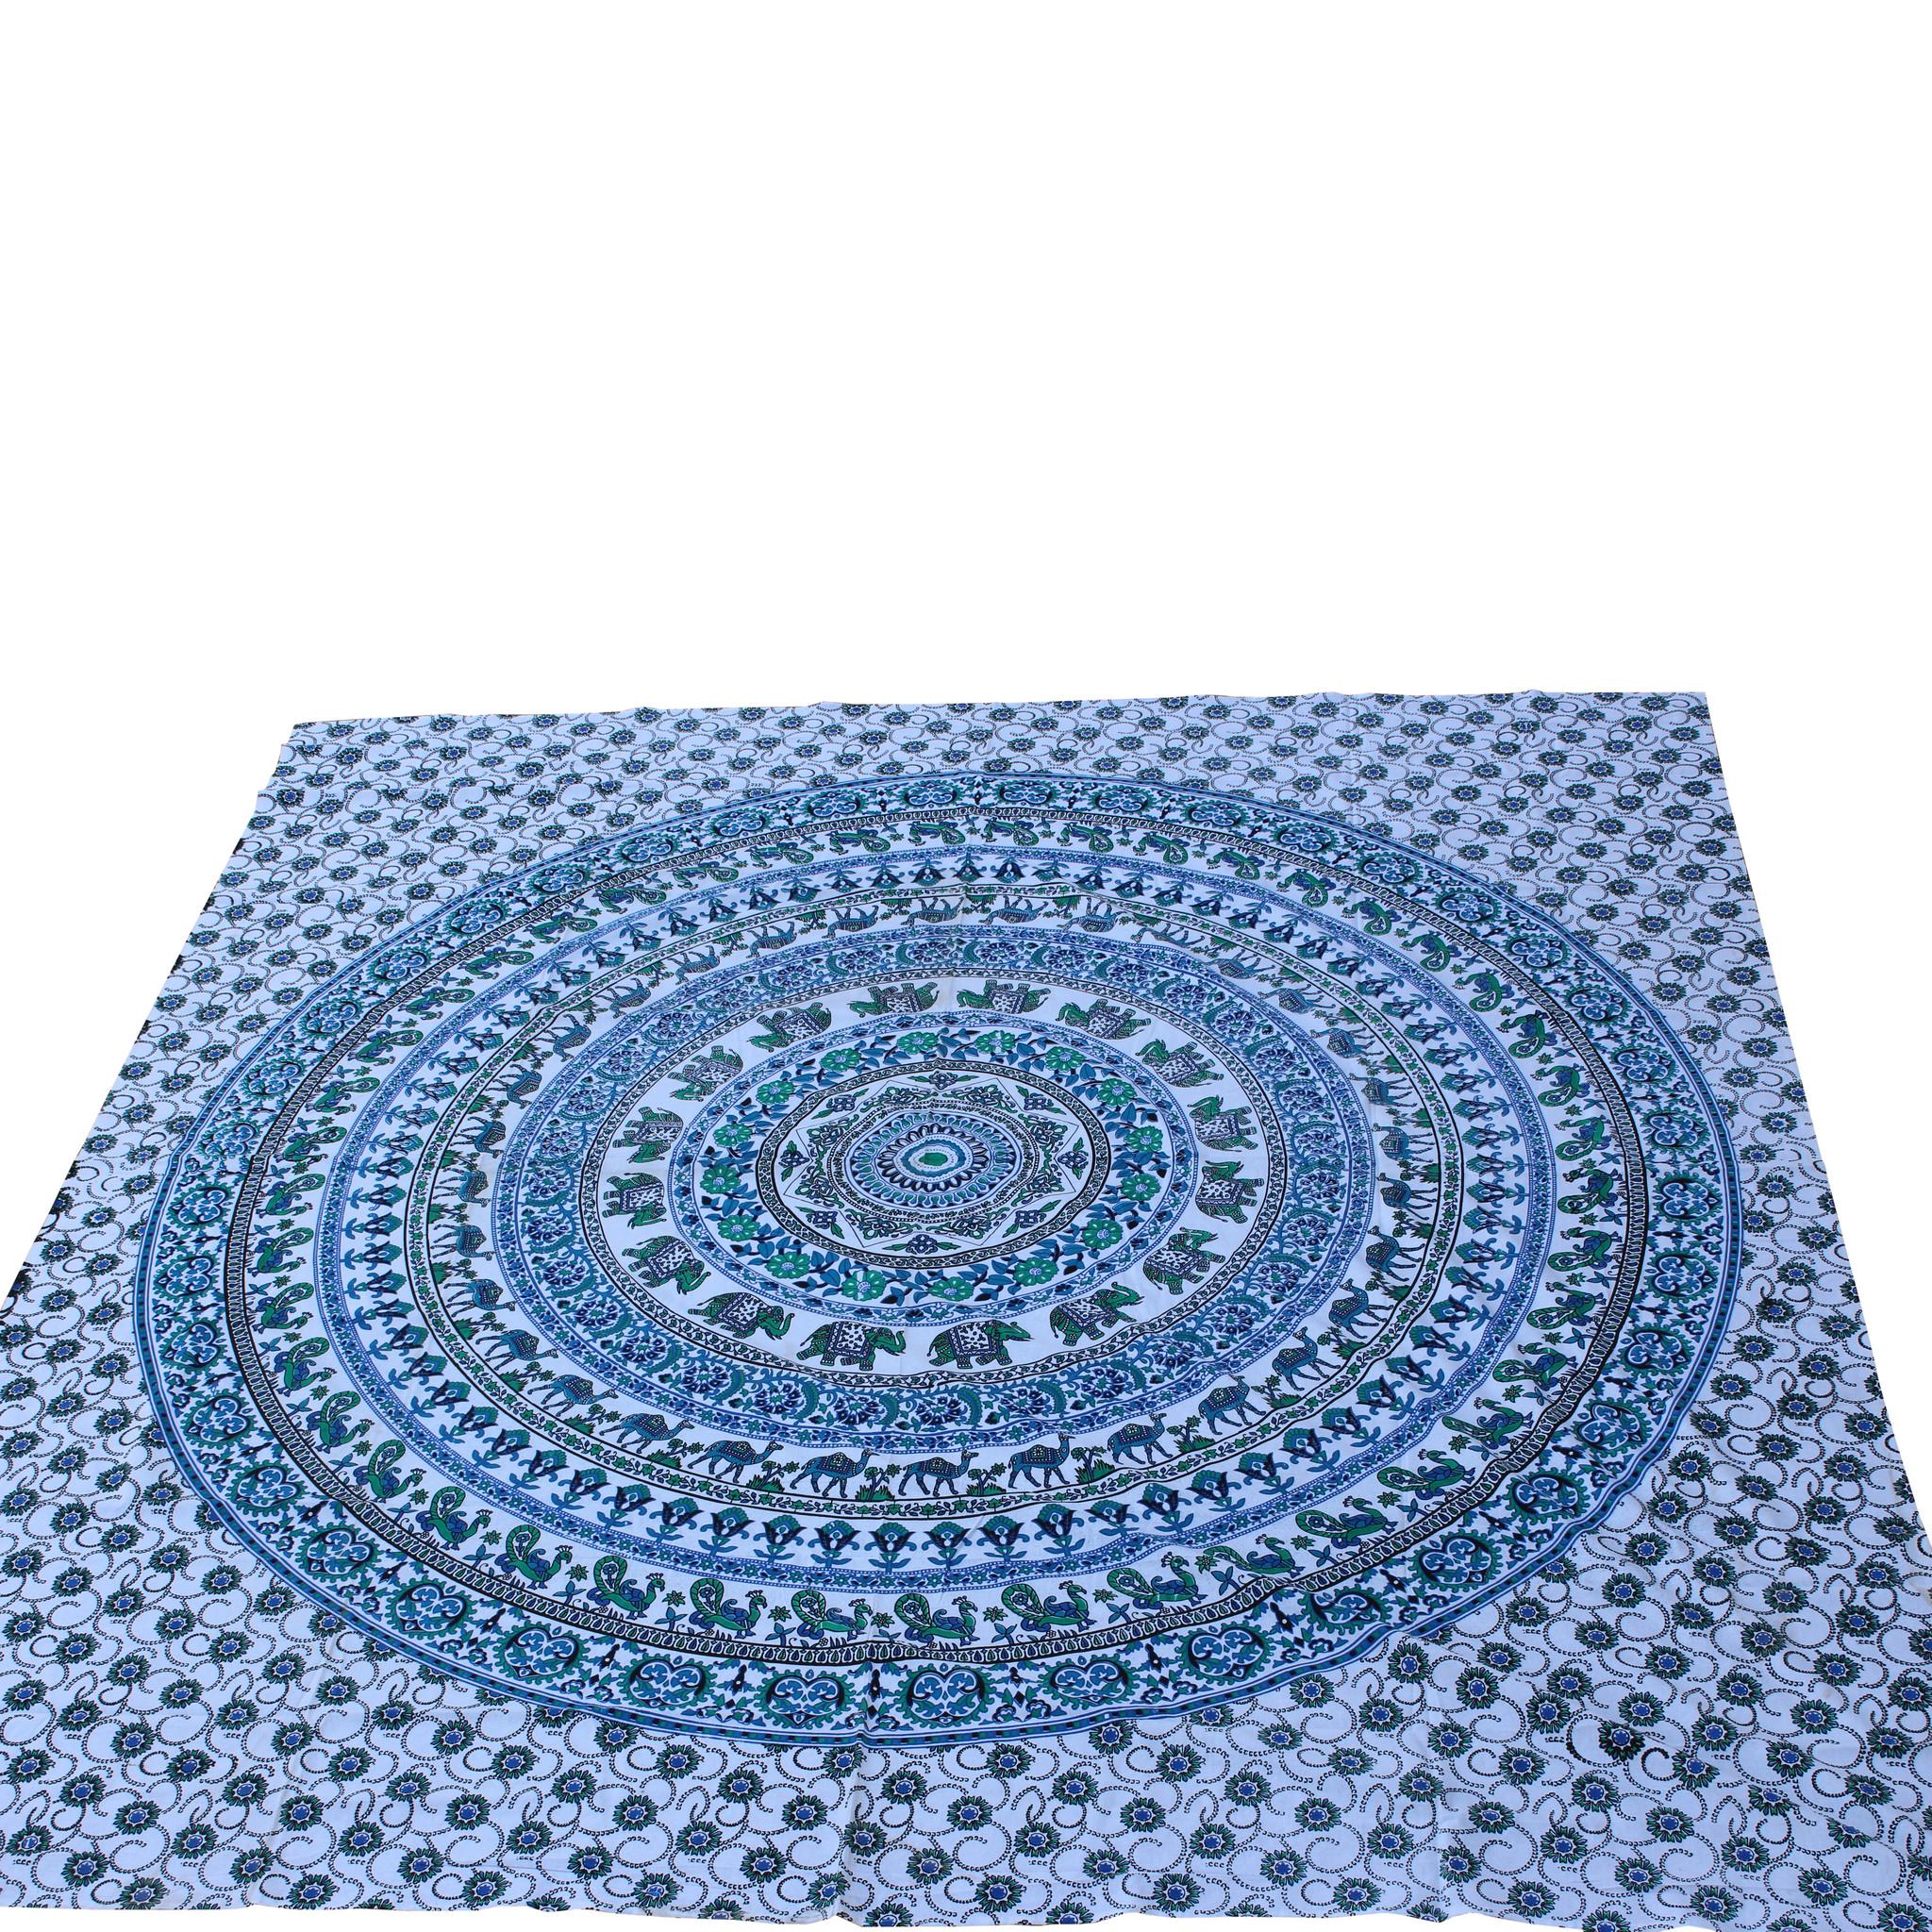 Myroundie Myroundie - roundie - vierkant strandlaken XL – yoga kleed- speelkleed - picknickkleed -100% katoen – Q26